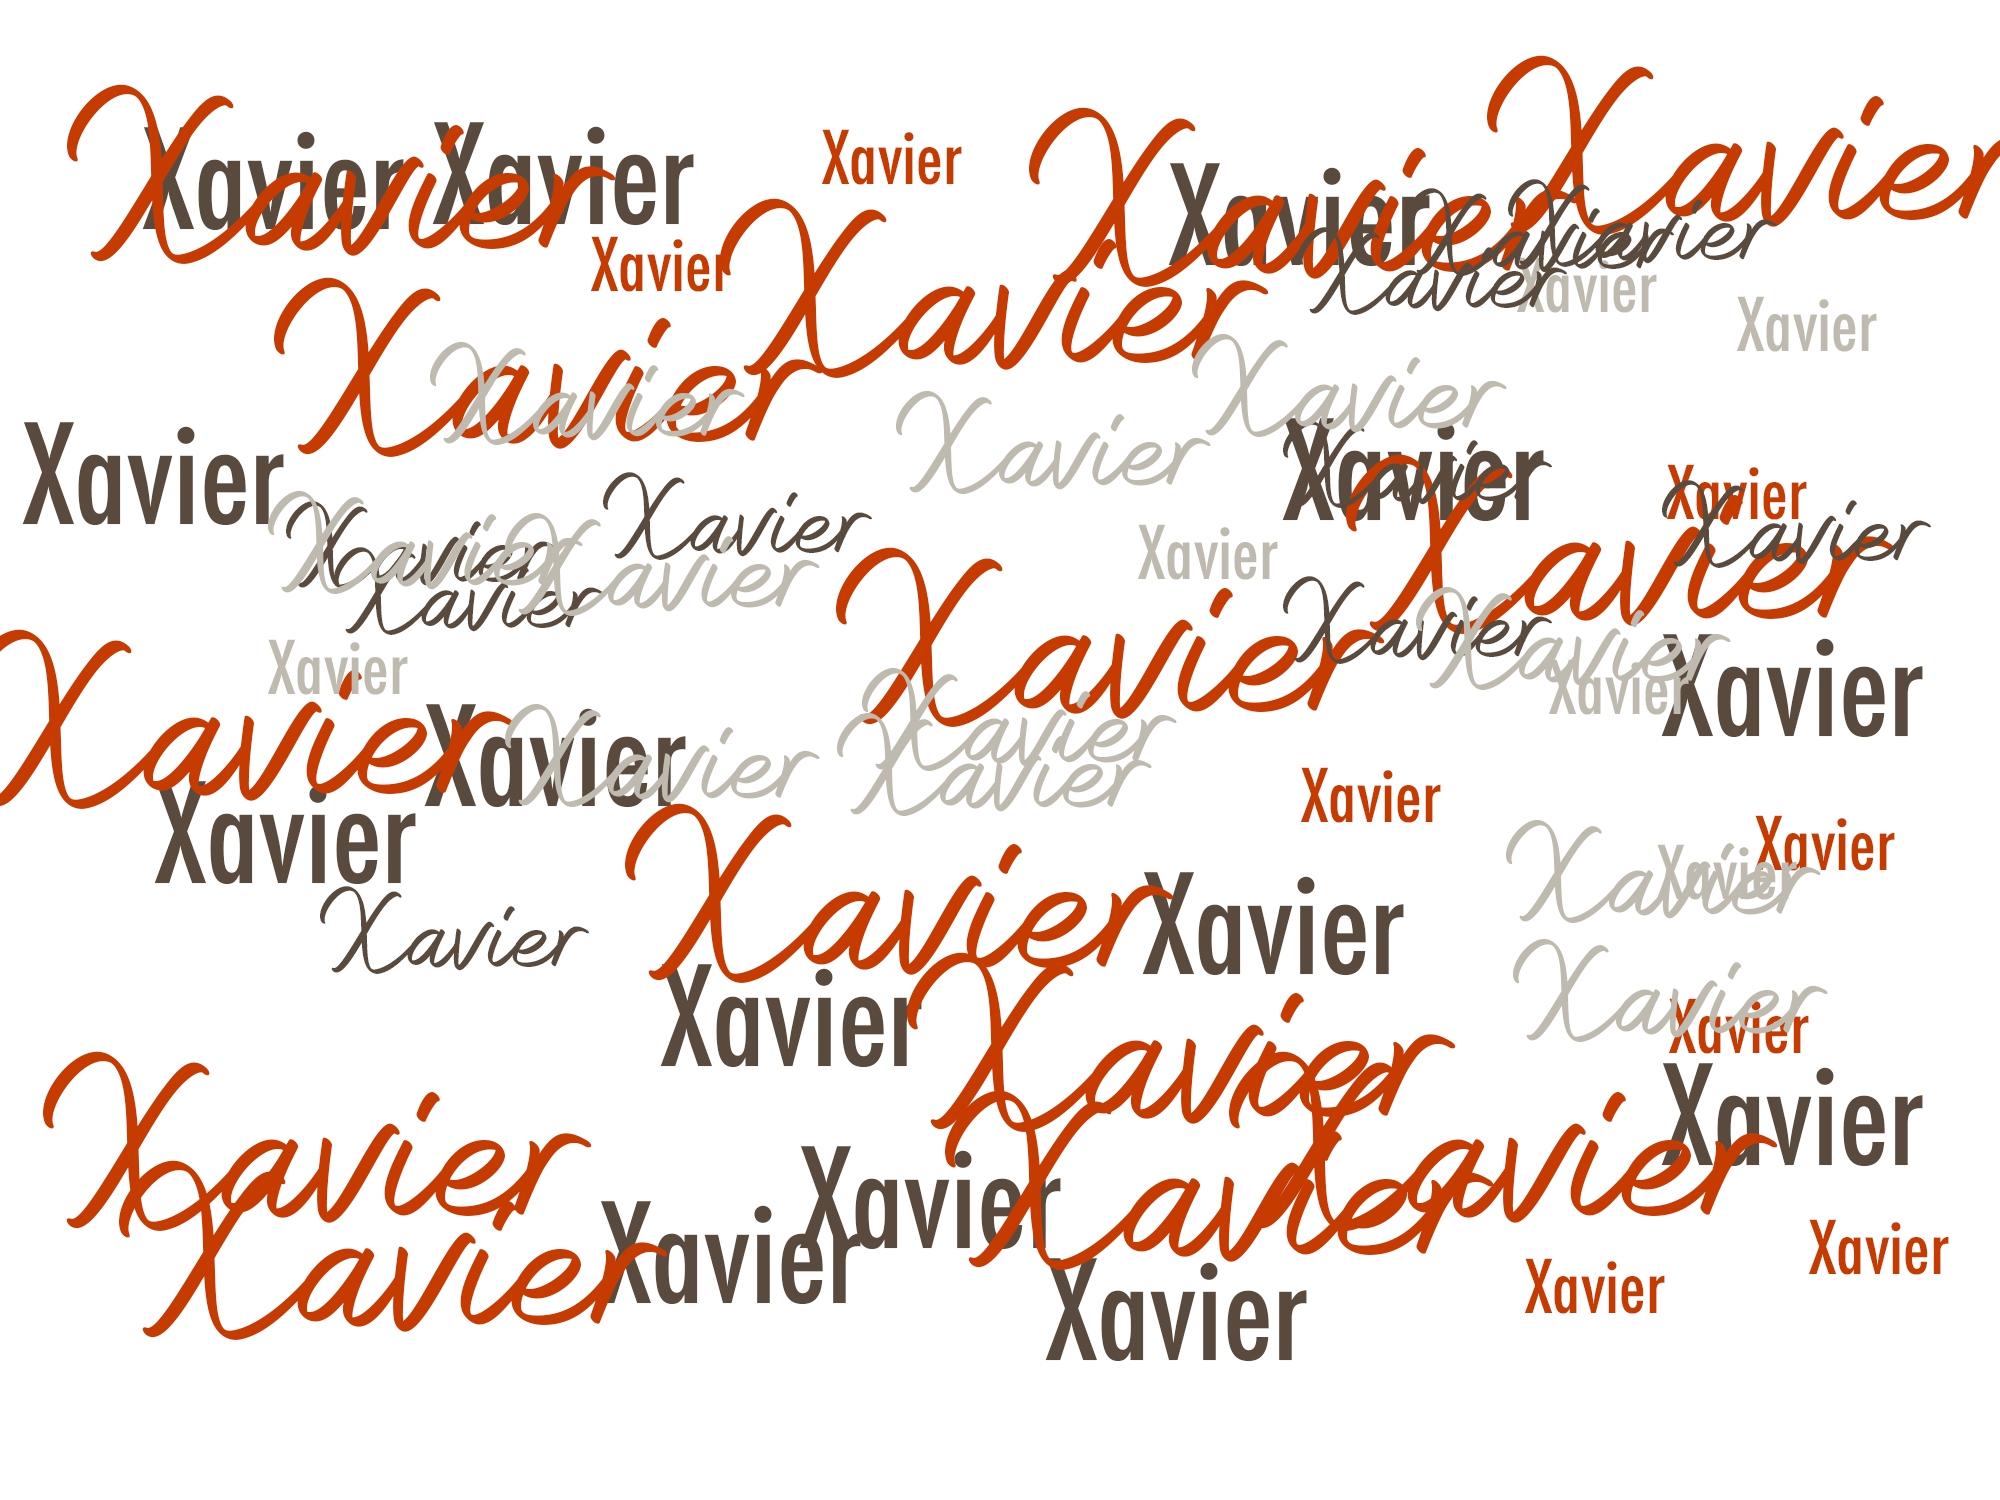 X Comme Xavier